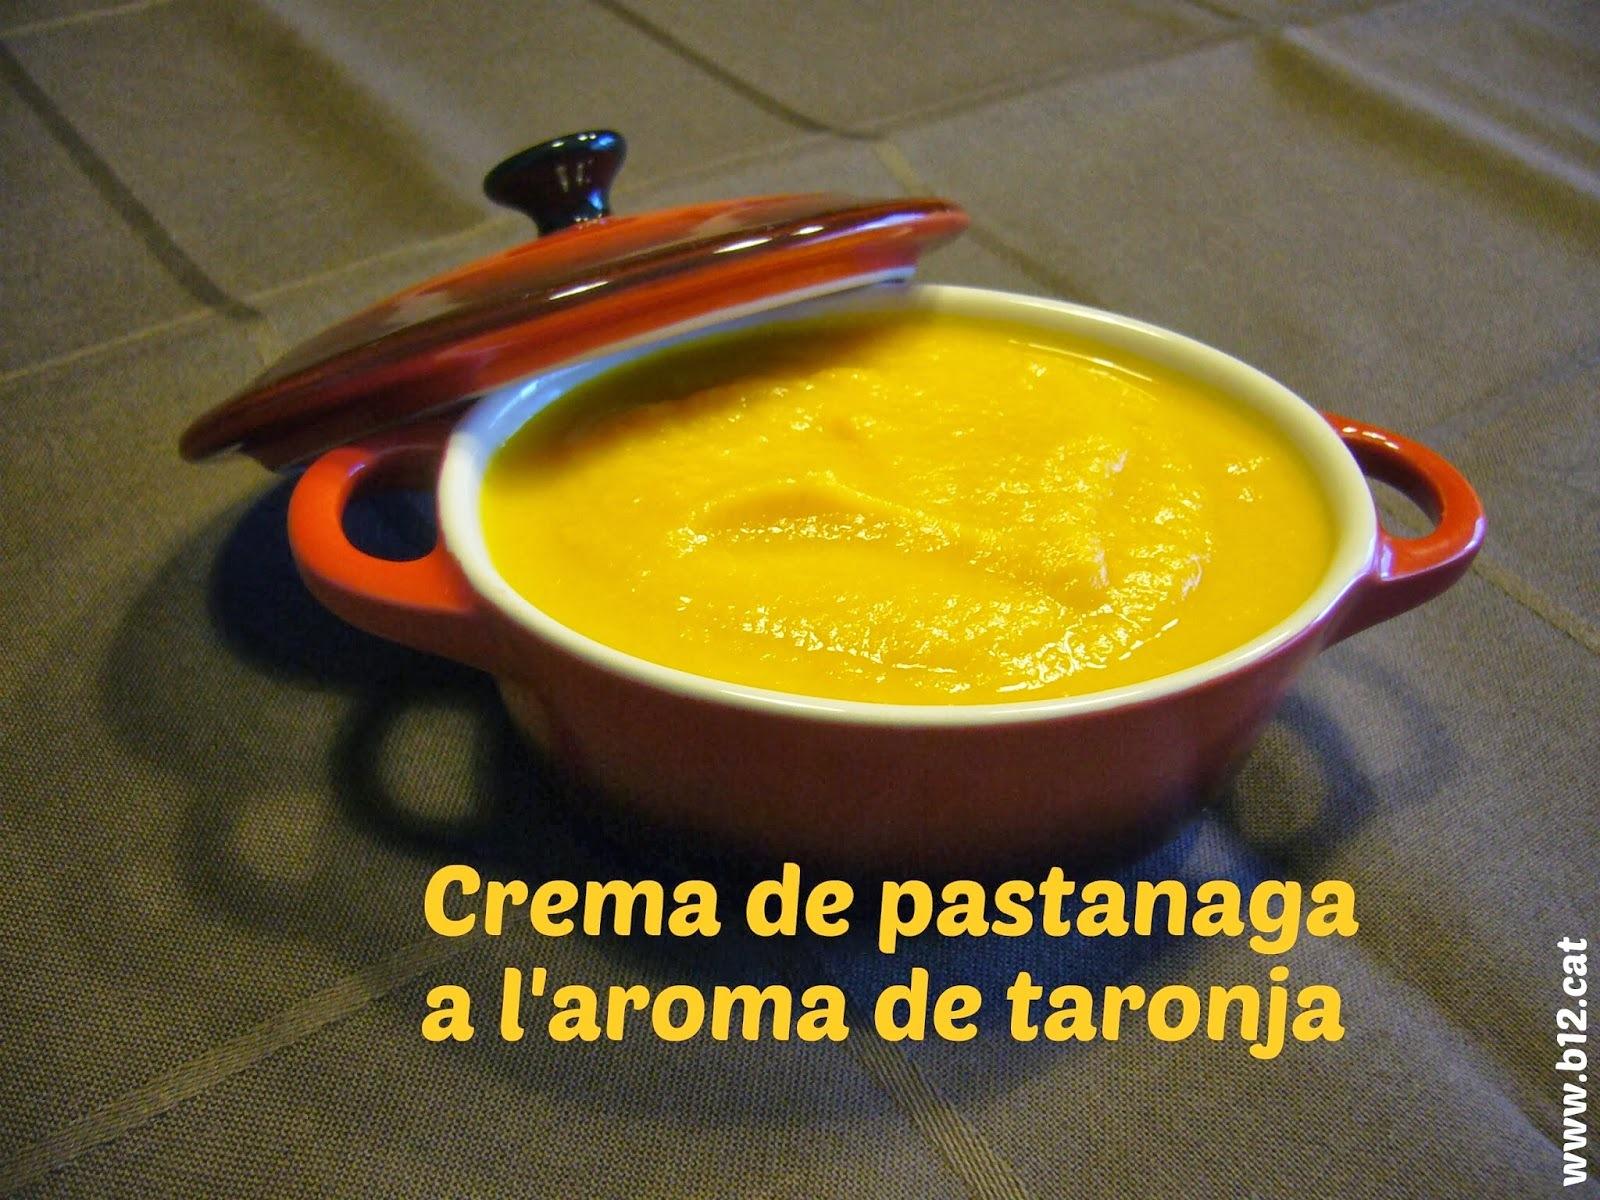 Crema de pastanaga a l'aroma de taronja